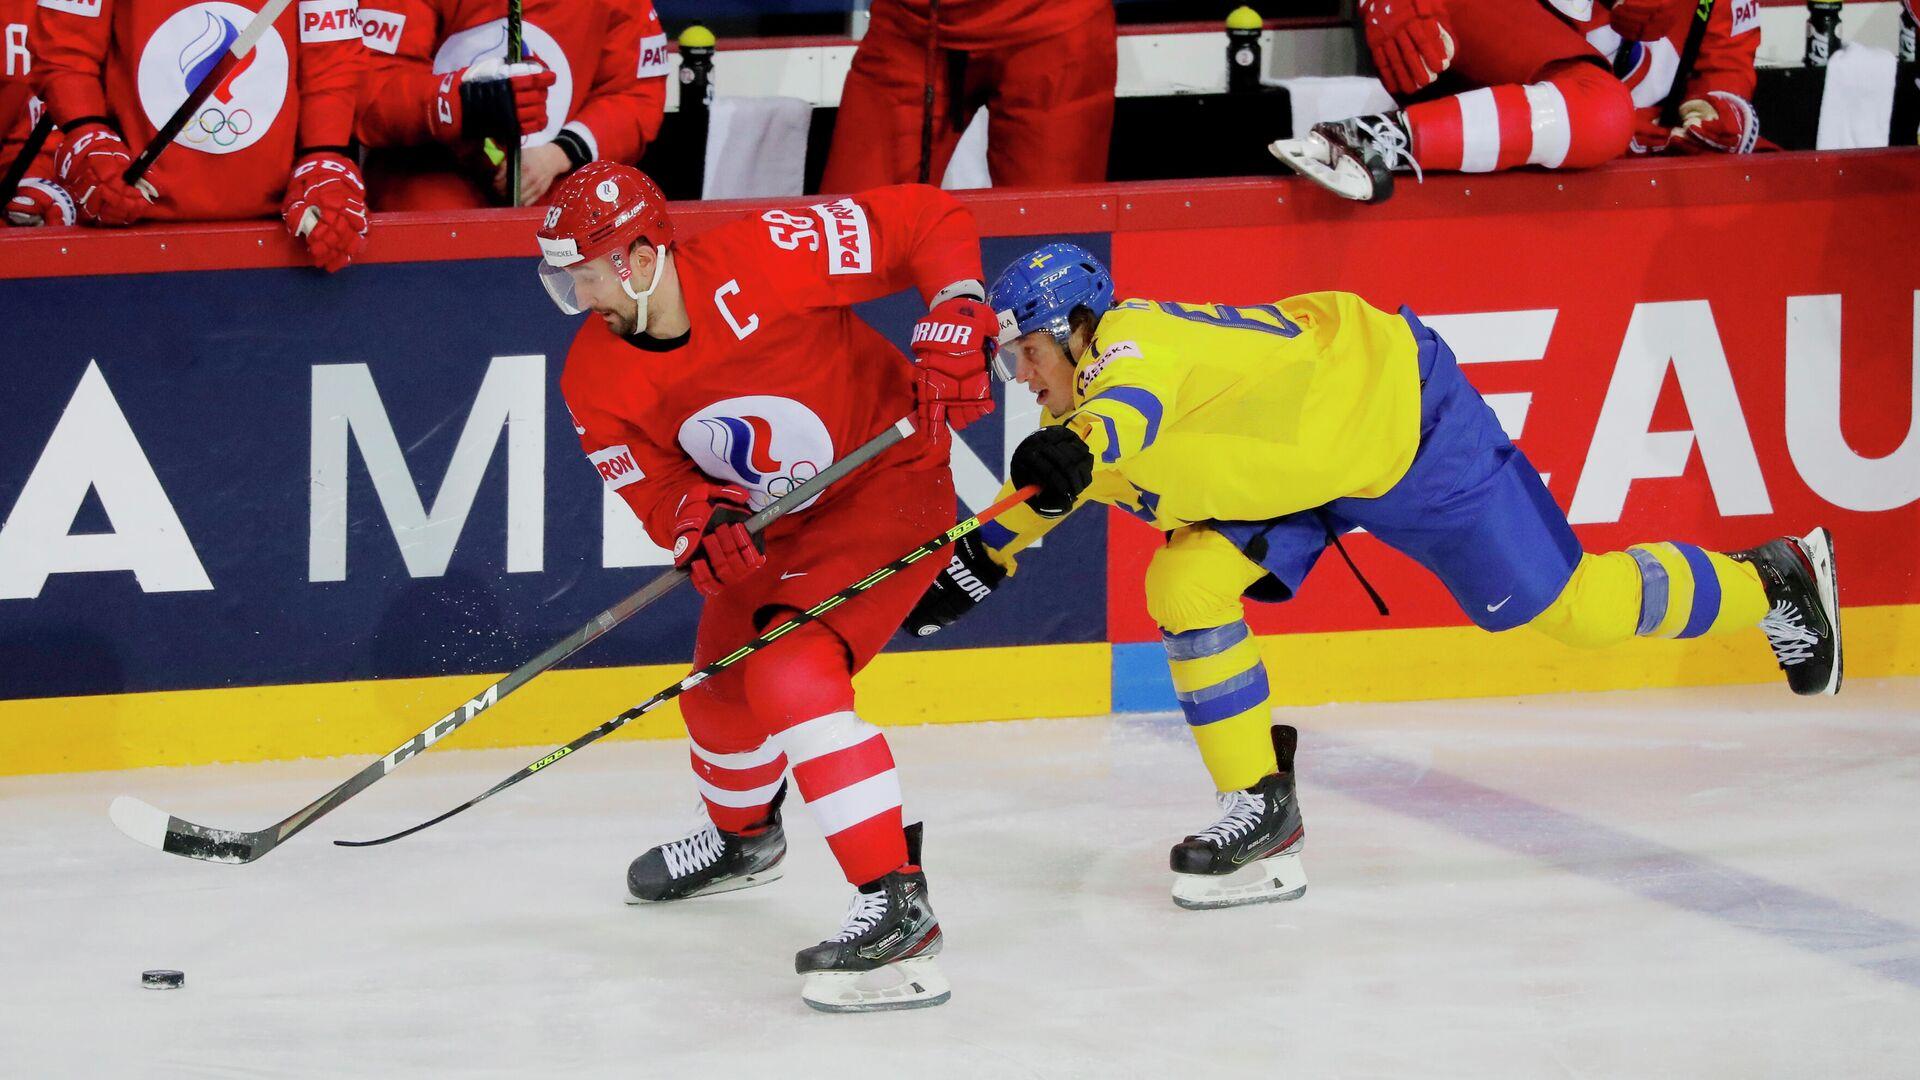 Хоккеисты Антон Слепышев и Рикард Раккель - РИА Новости, 1920, 01.06.2021